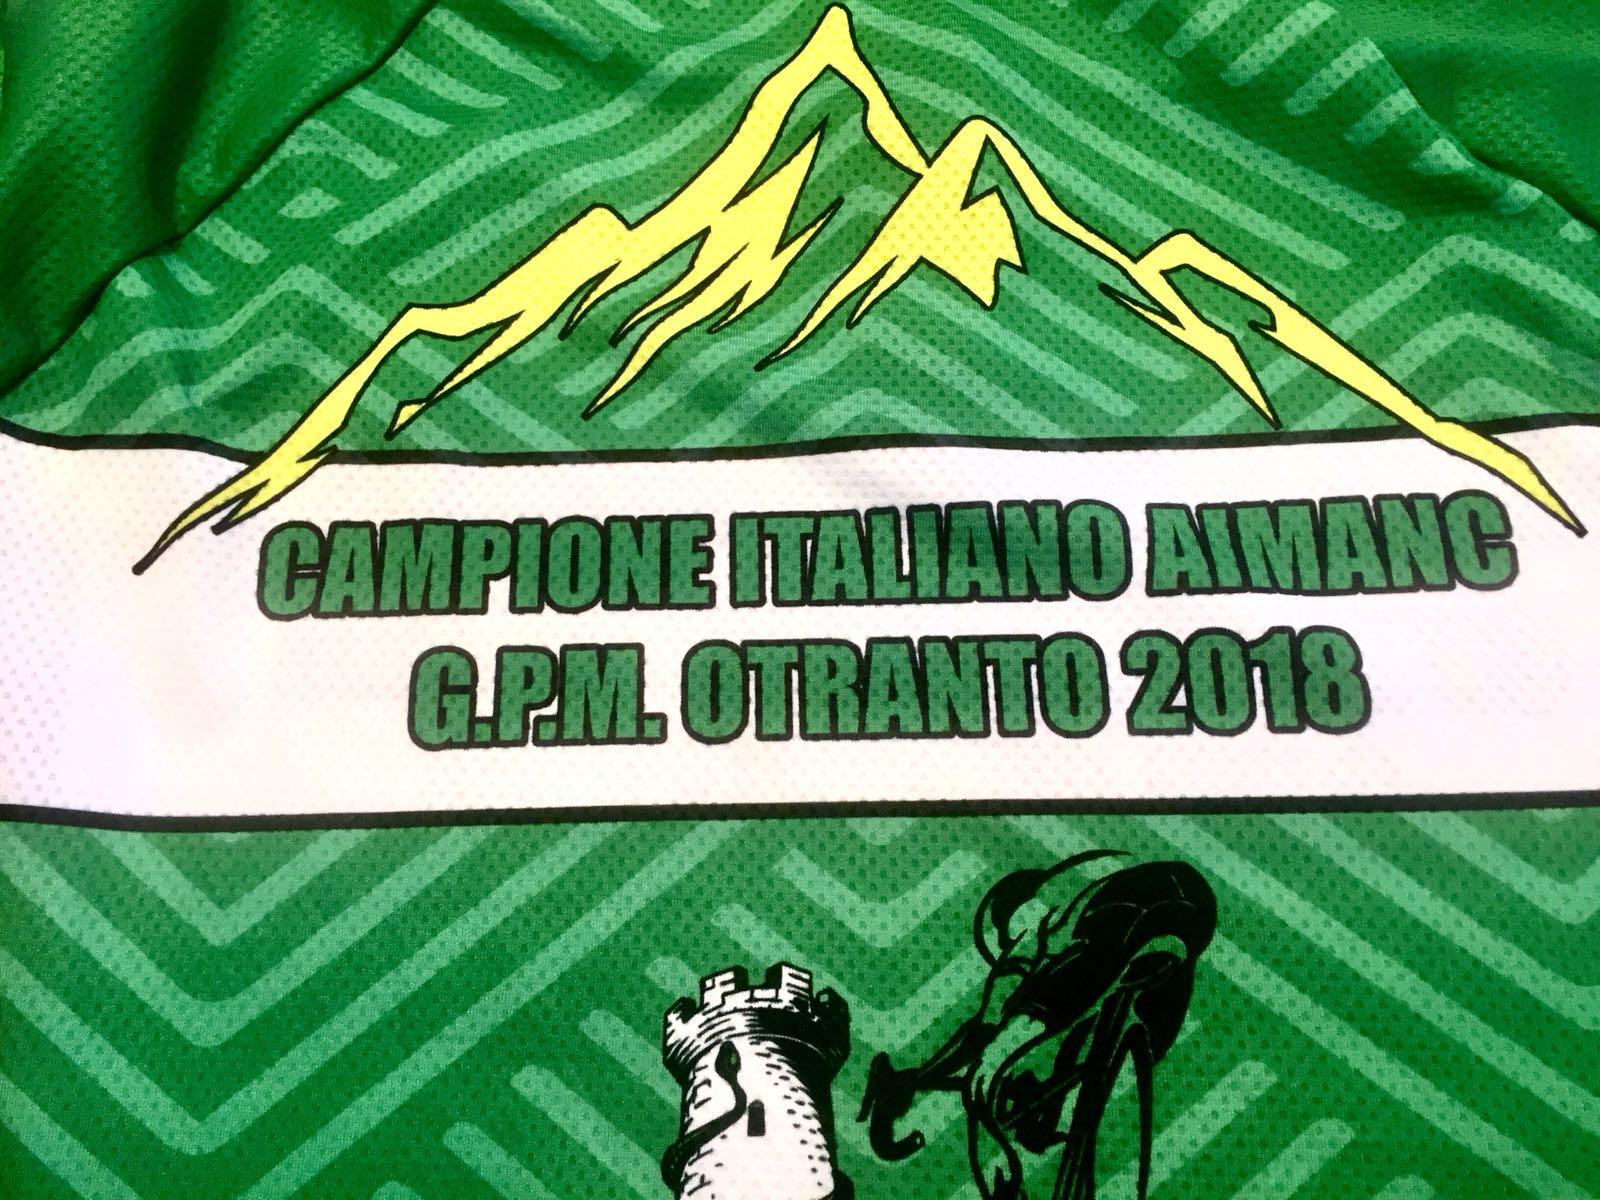 Maglia celebrativa per la vittoria in due categorie diverse, campione italiano Aimanc e G.p.m. - Vincenzo Donativi Campione italiano Aimanc 2018